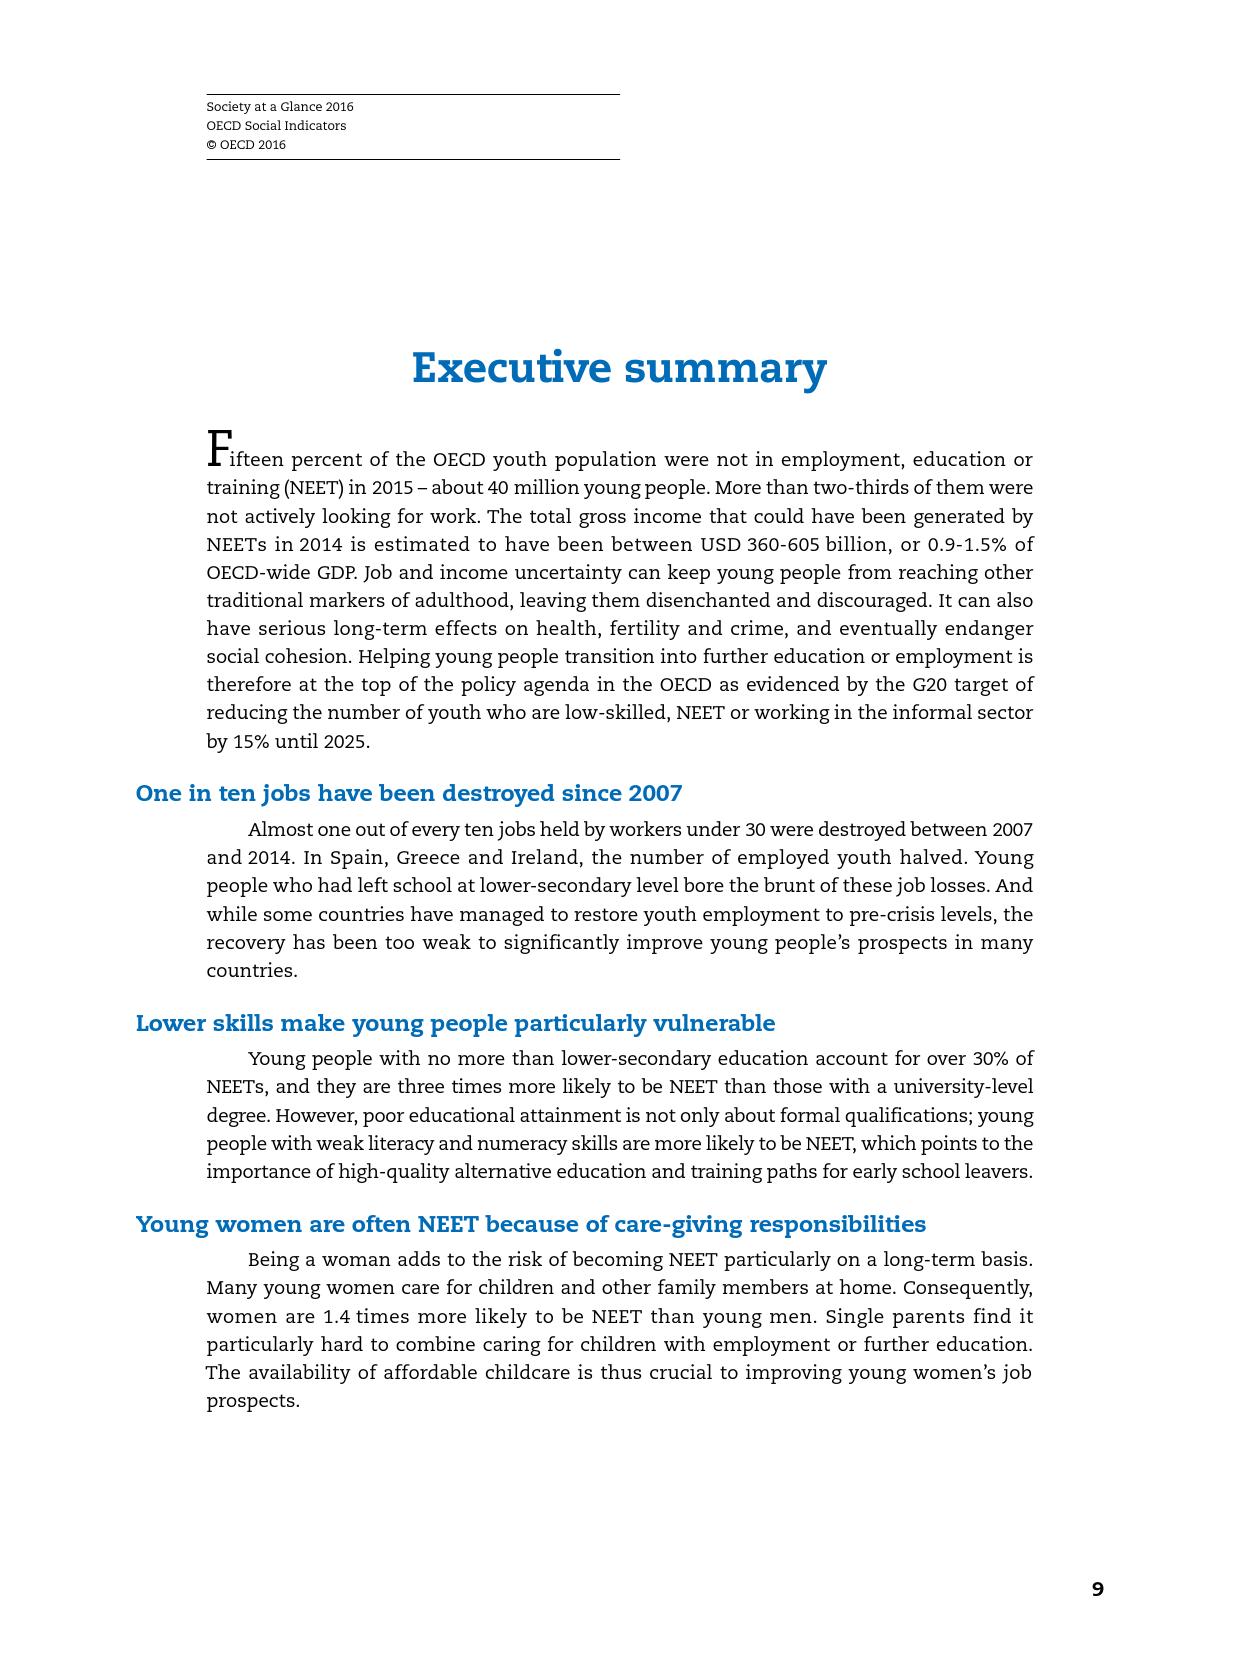 2016年OECD国家社会概览报告_000011